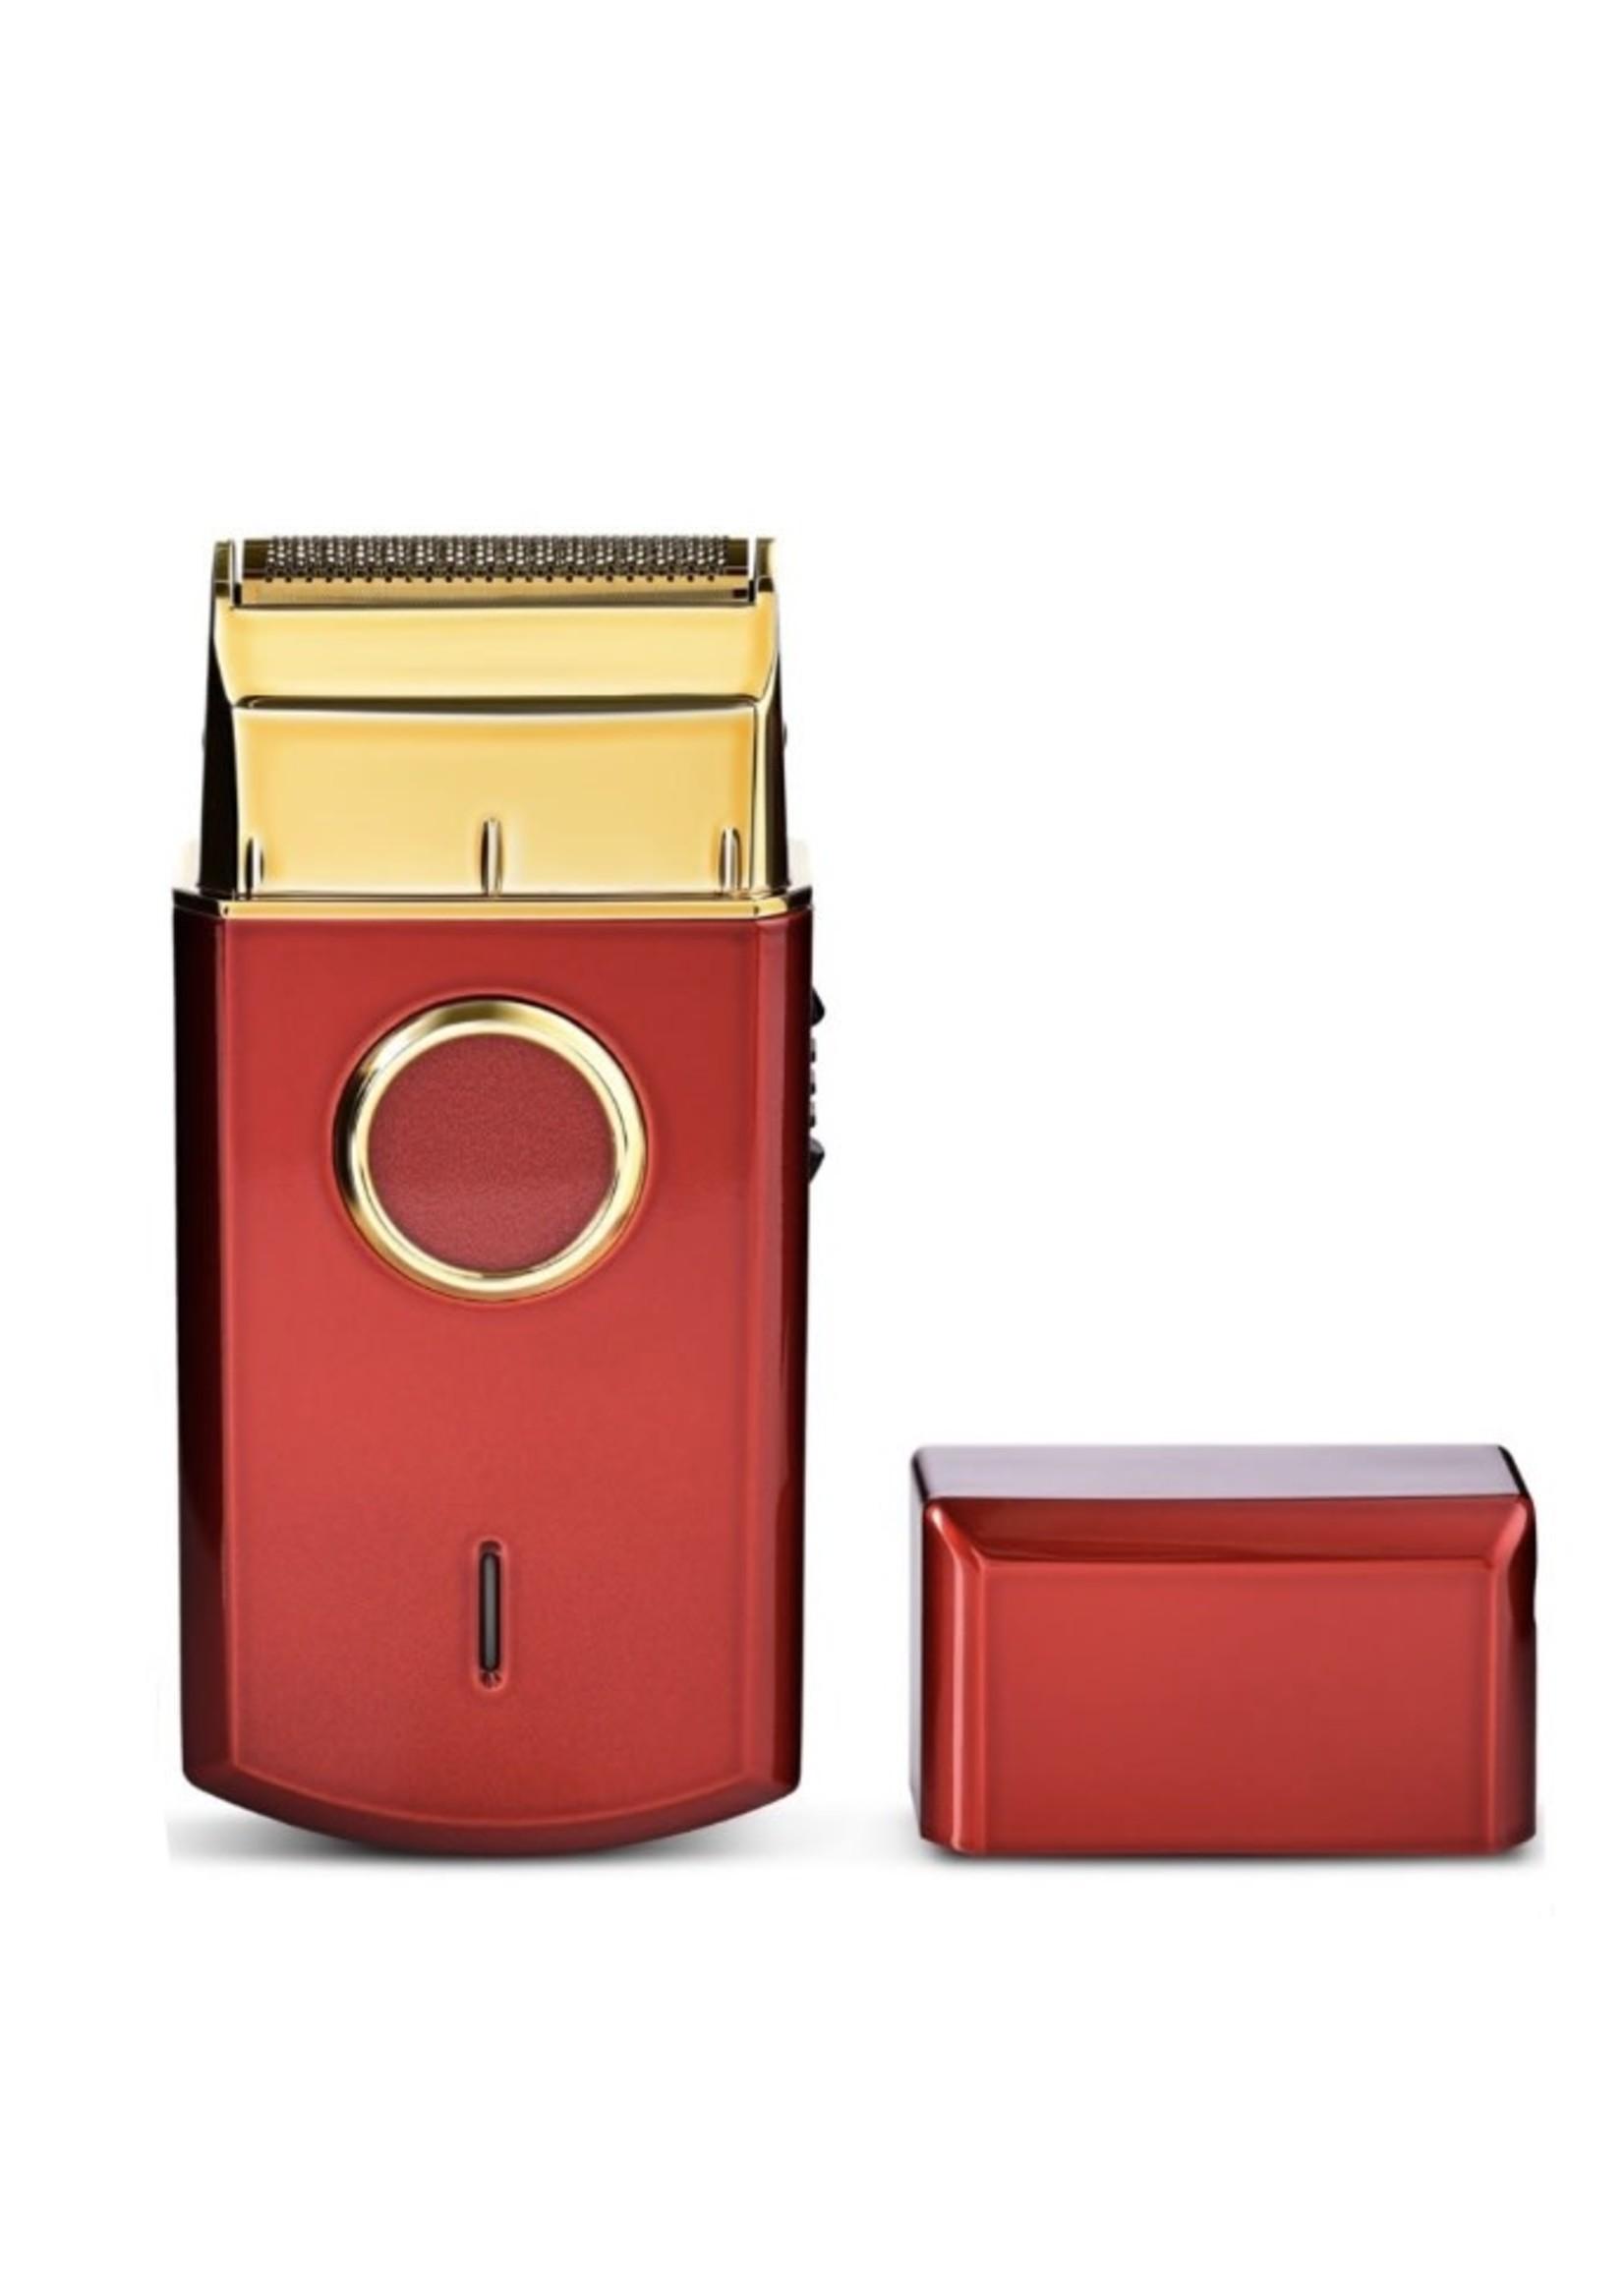 Stylecraft StyleCraft Uno Single Foil Shaver-Red